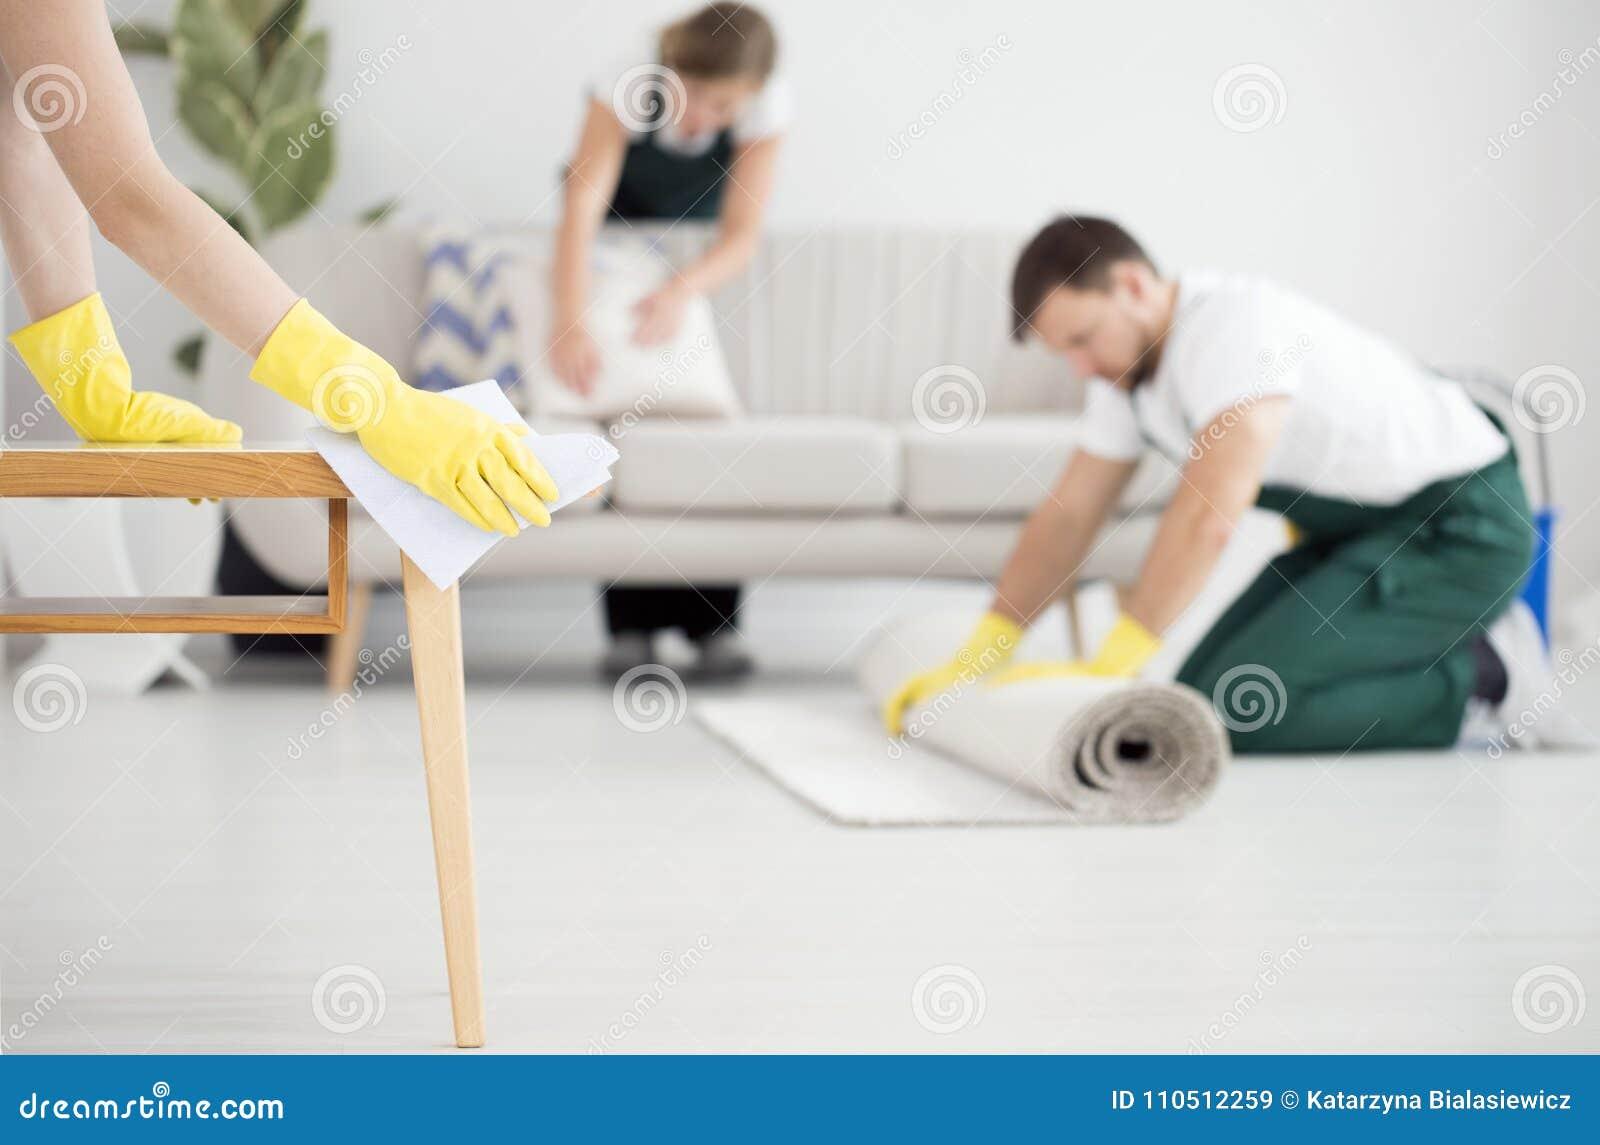 Professionele schoonmakende bemanning op het werk